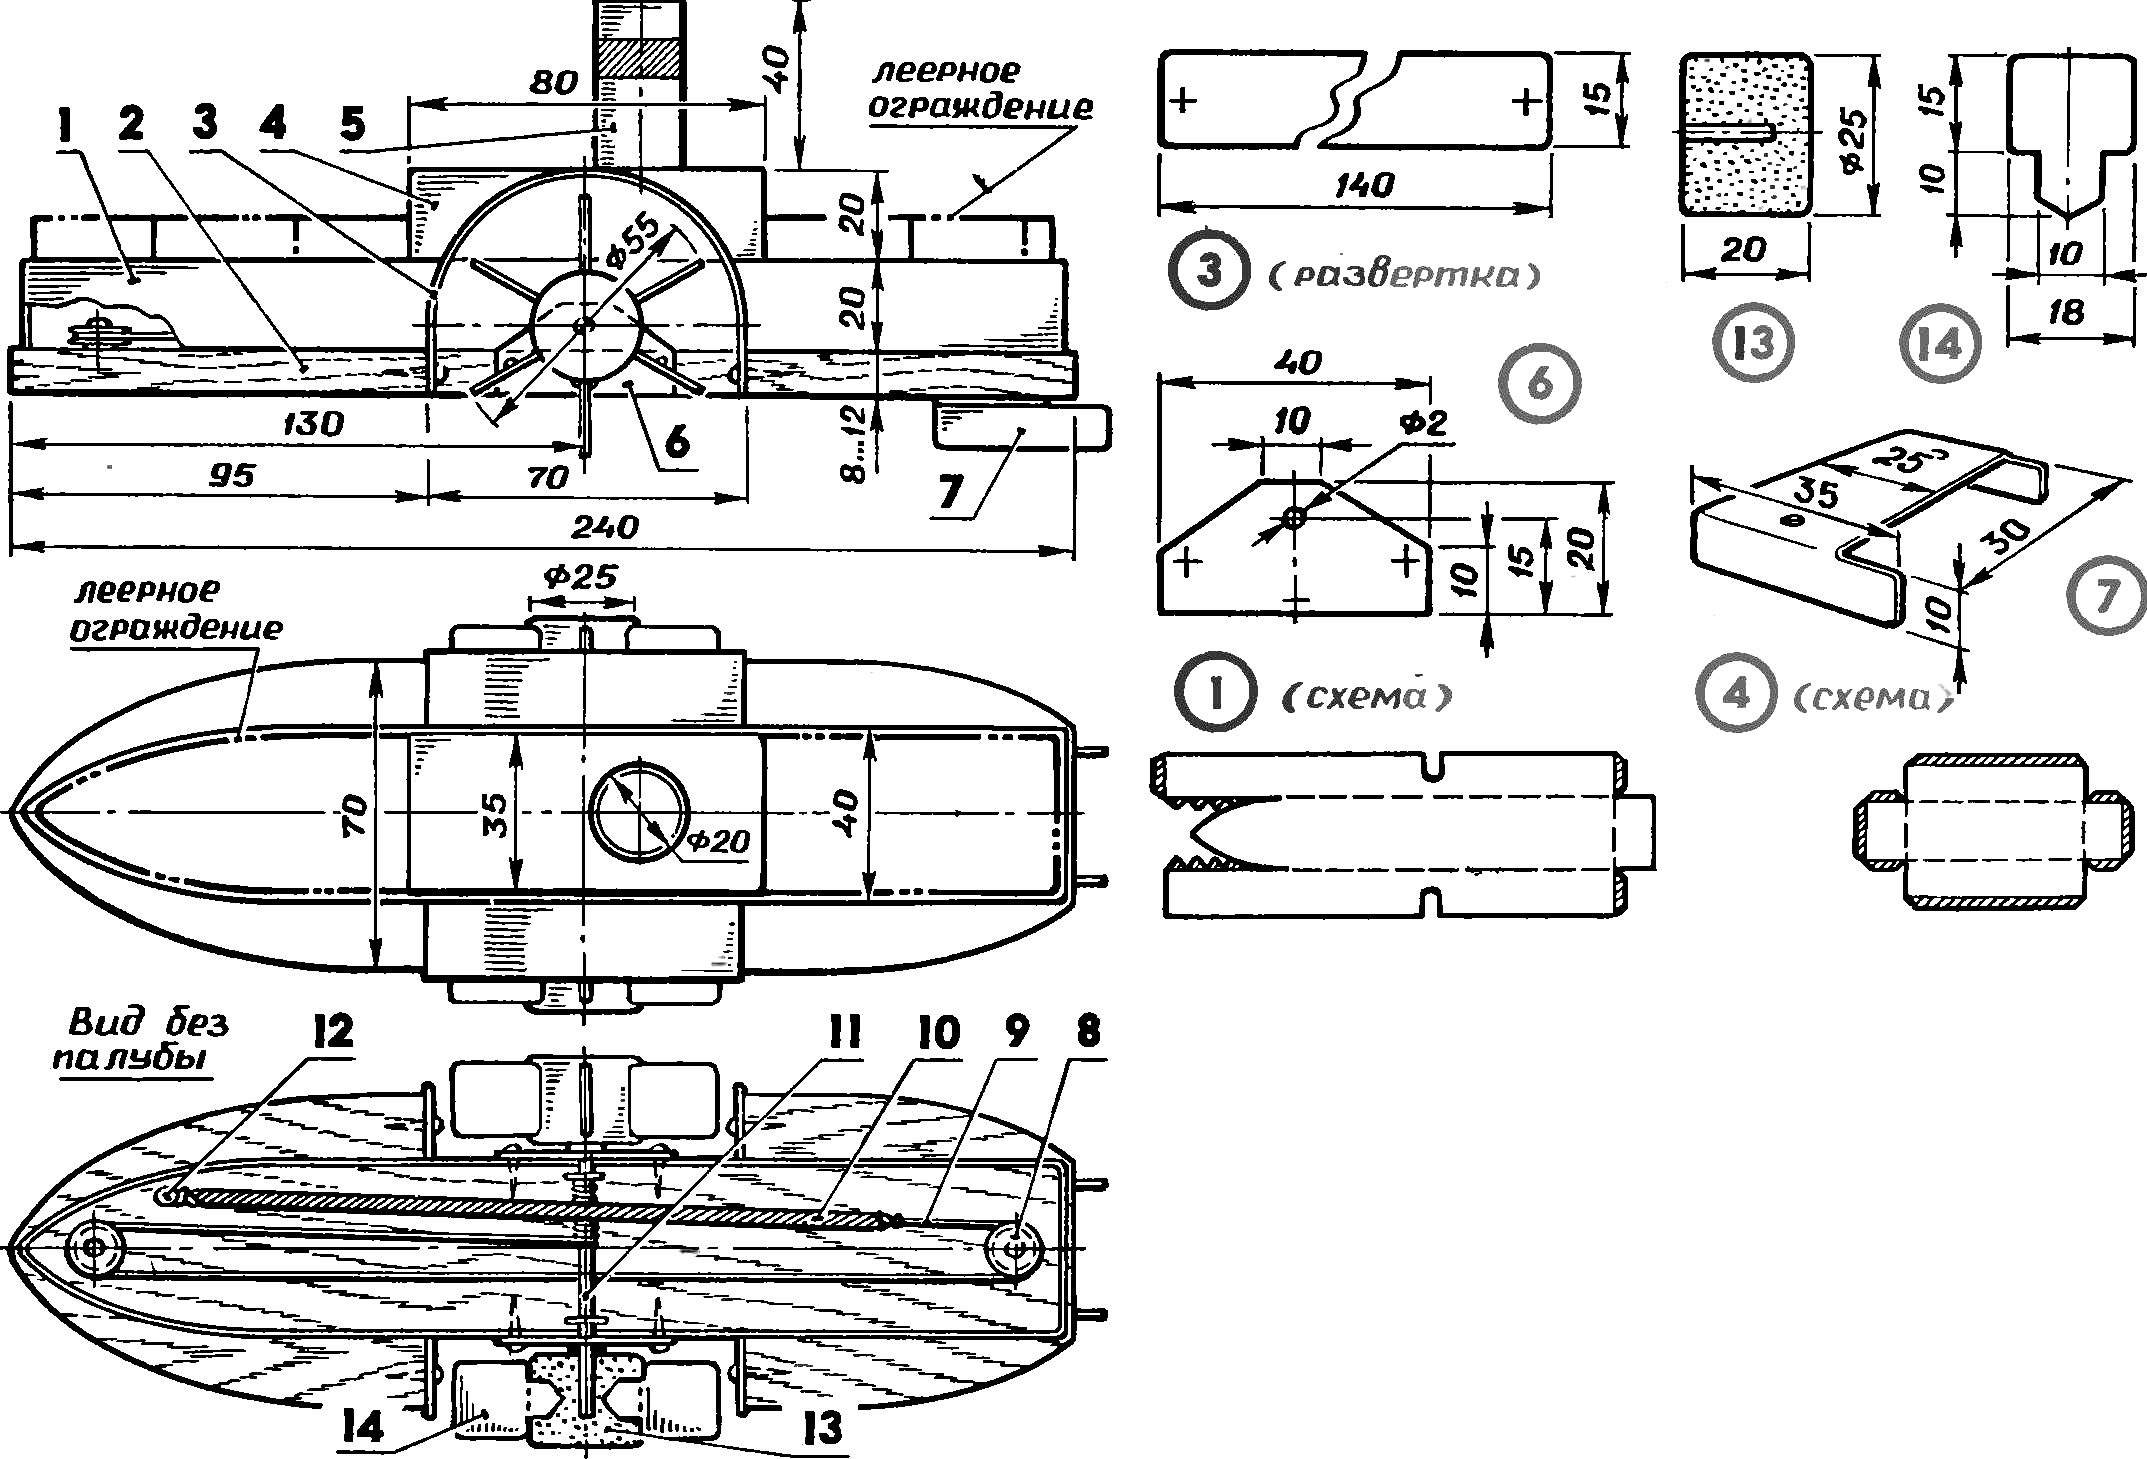 Модель парохода с колесными гребными движителями